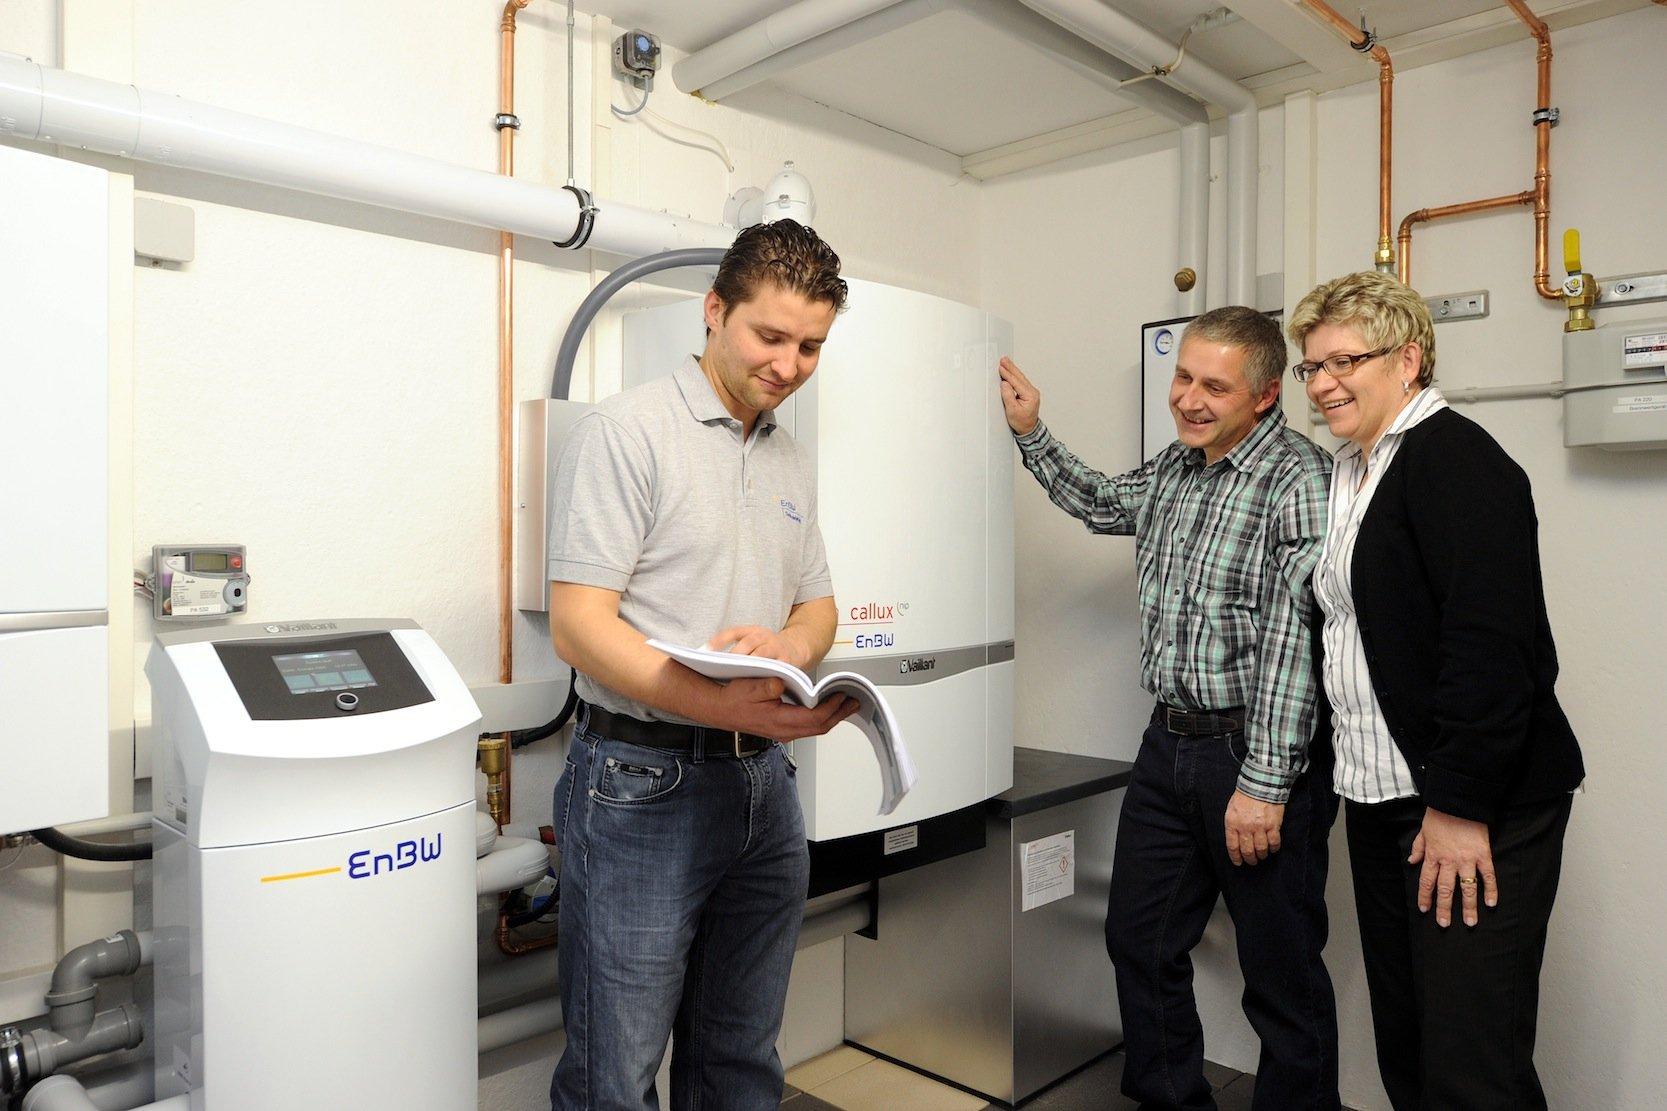 Heizungsanlage mit Brennstoffzelle: Die aktuellen Anlagen sind so kompakt wie eine traditionelle Heizungsanlage.